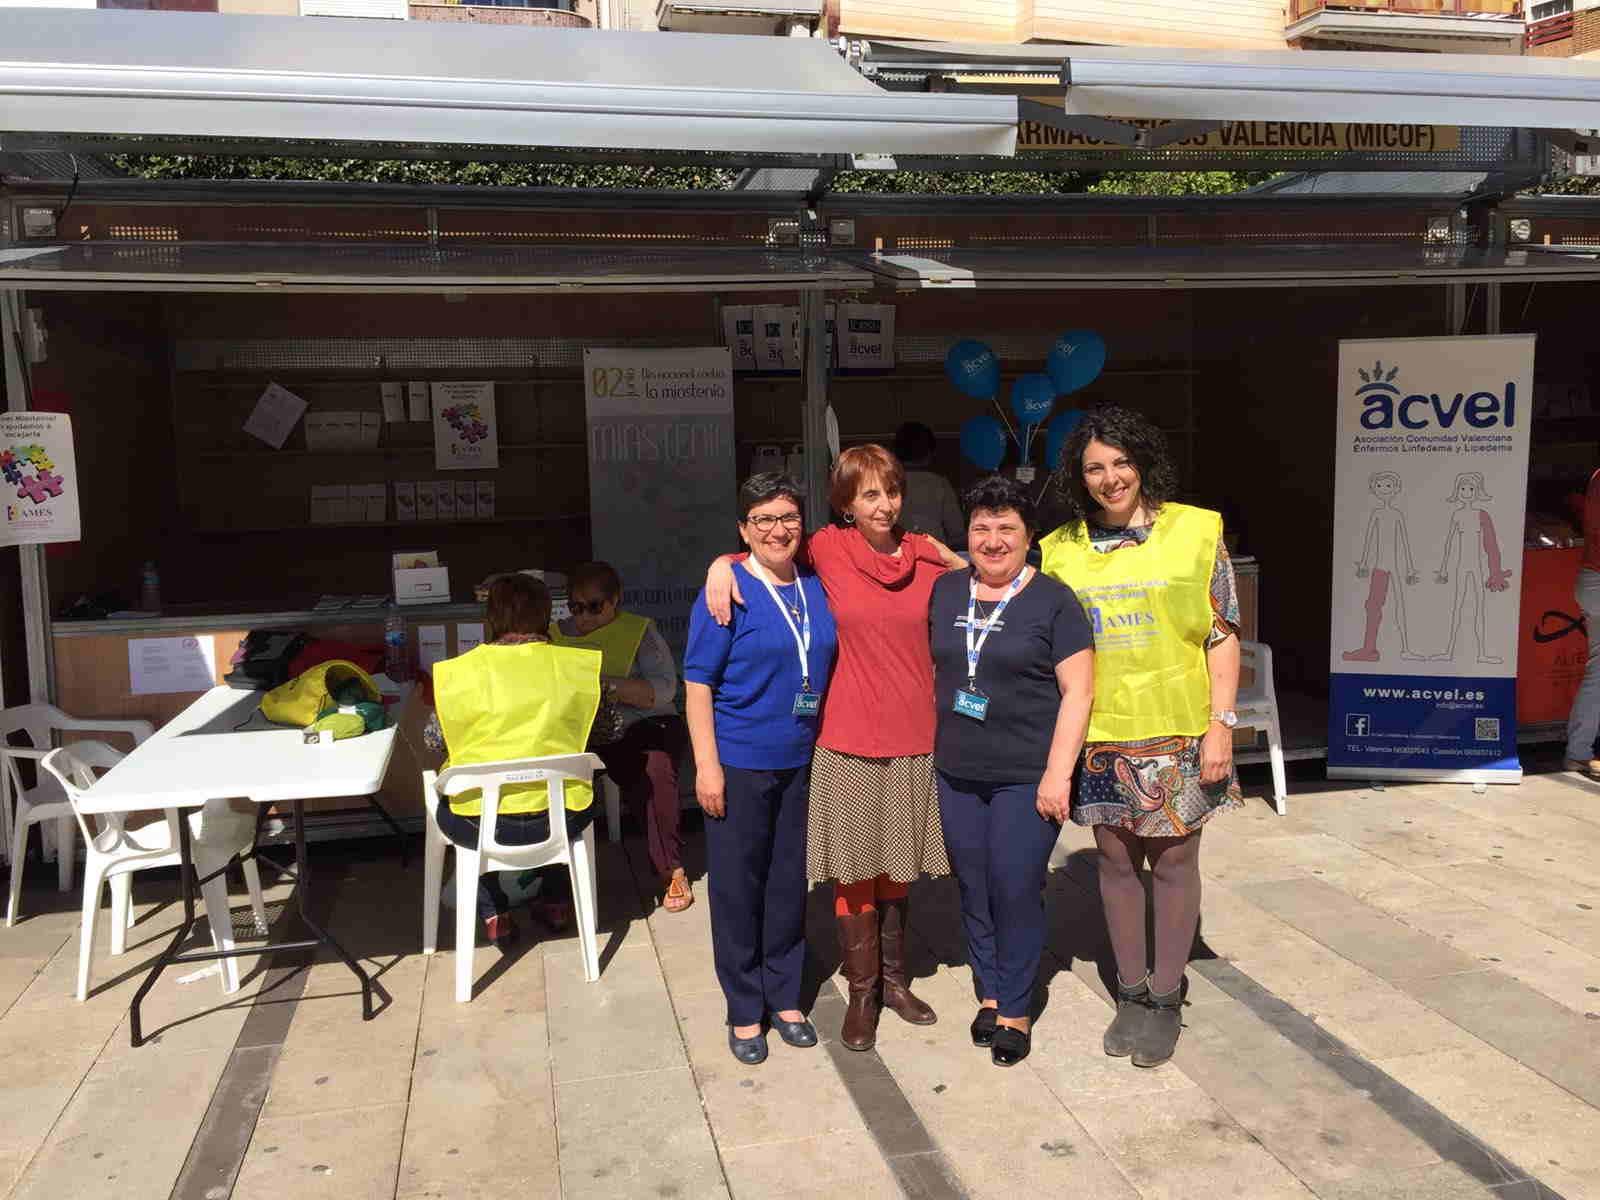 Con nuestras compañeras de stand Mª Carmen Soriano de ACVEL, Paqui Soriano ACVEL y Raquel Pardo de AMES